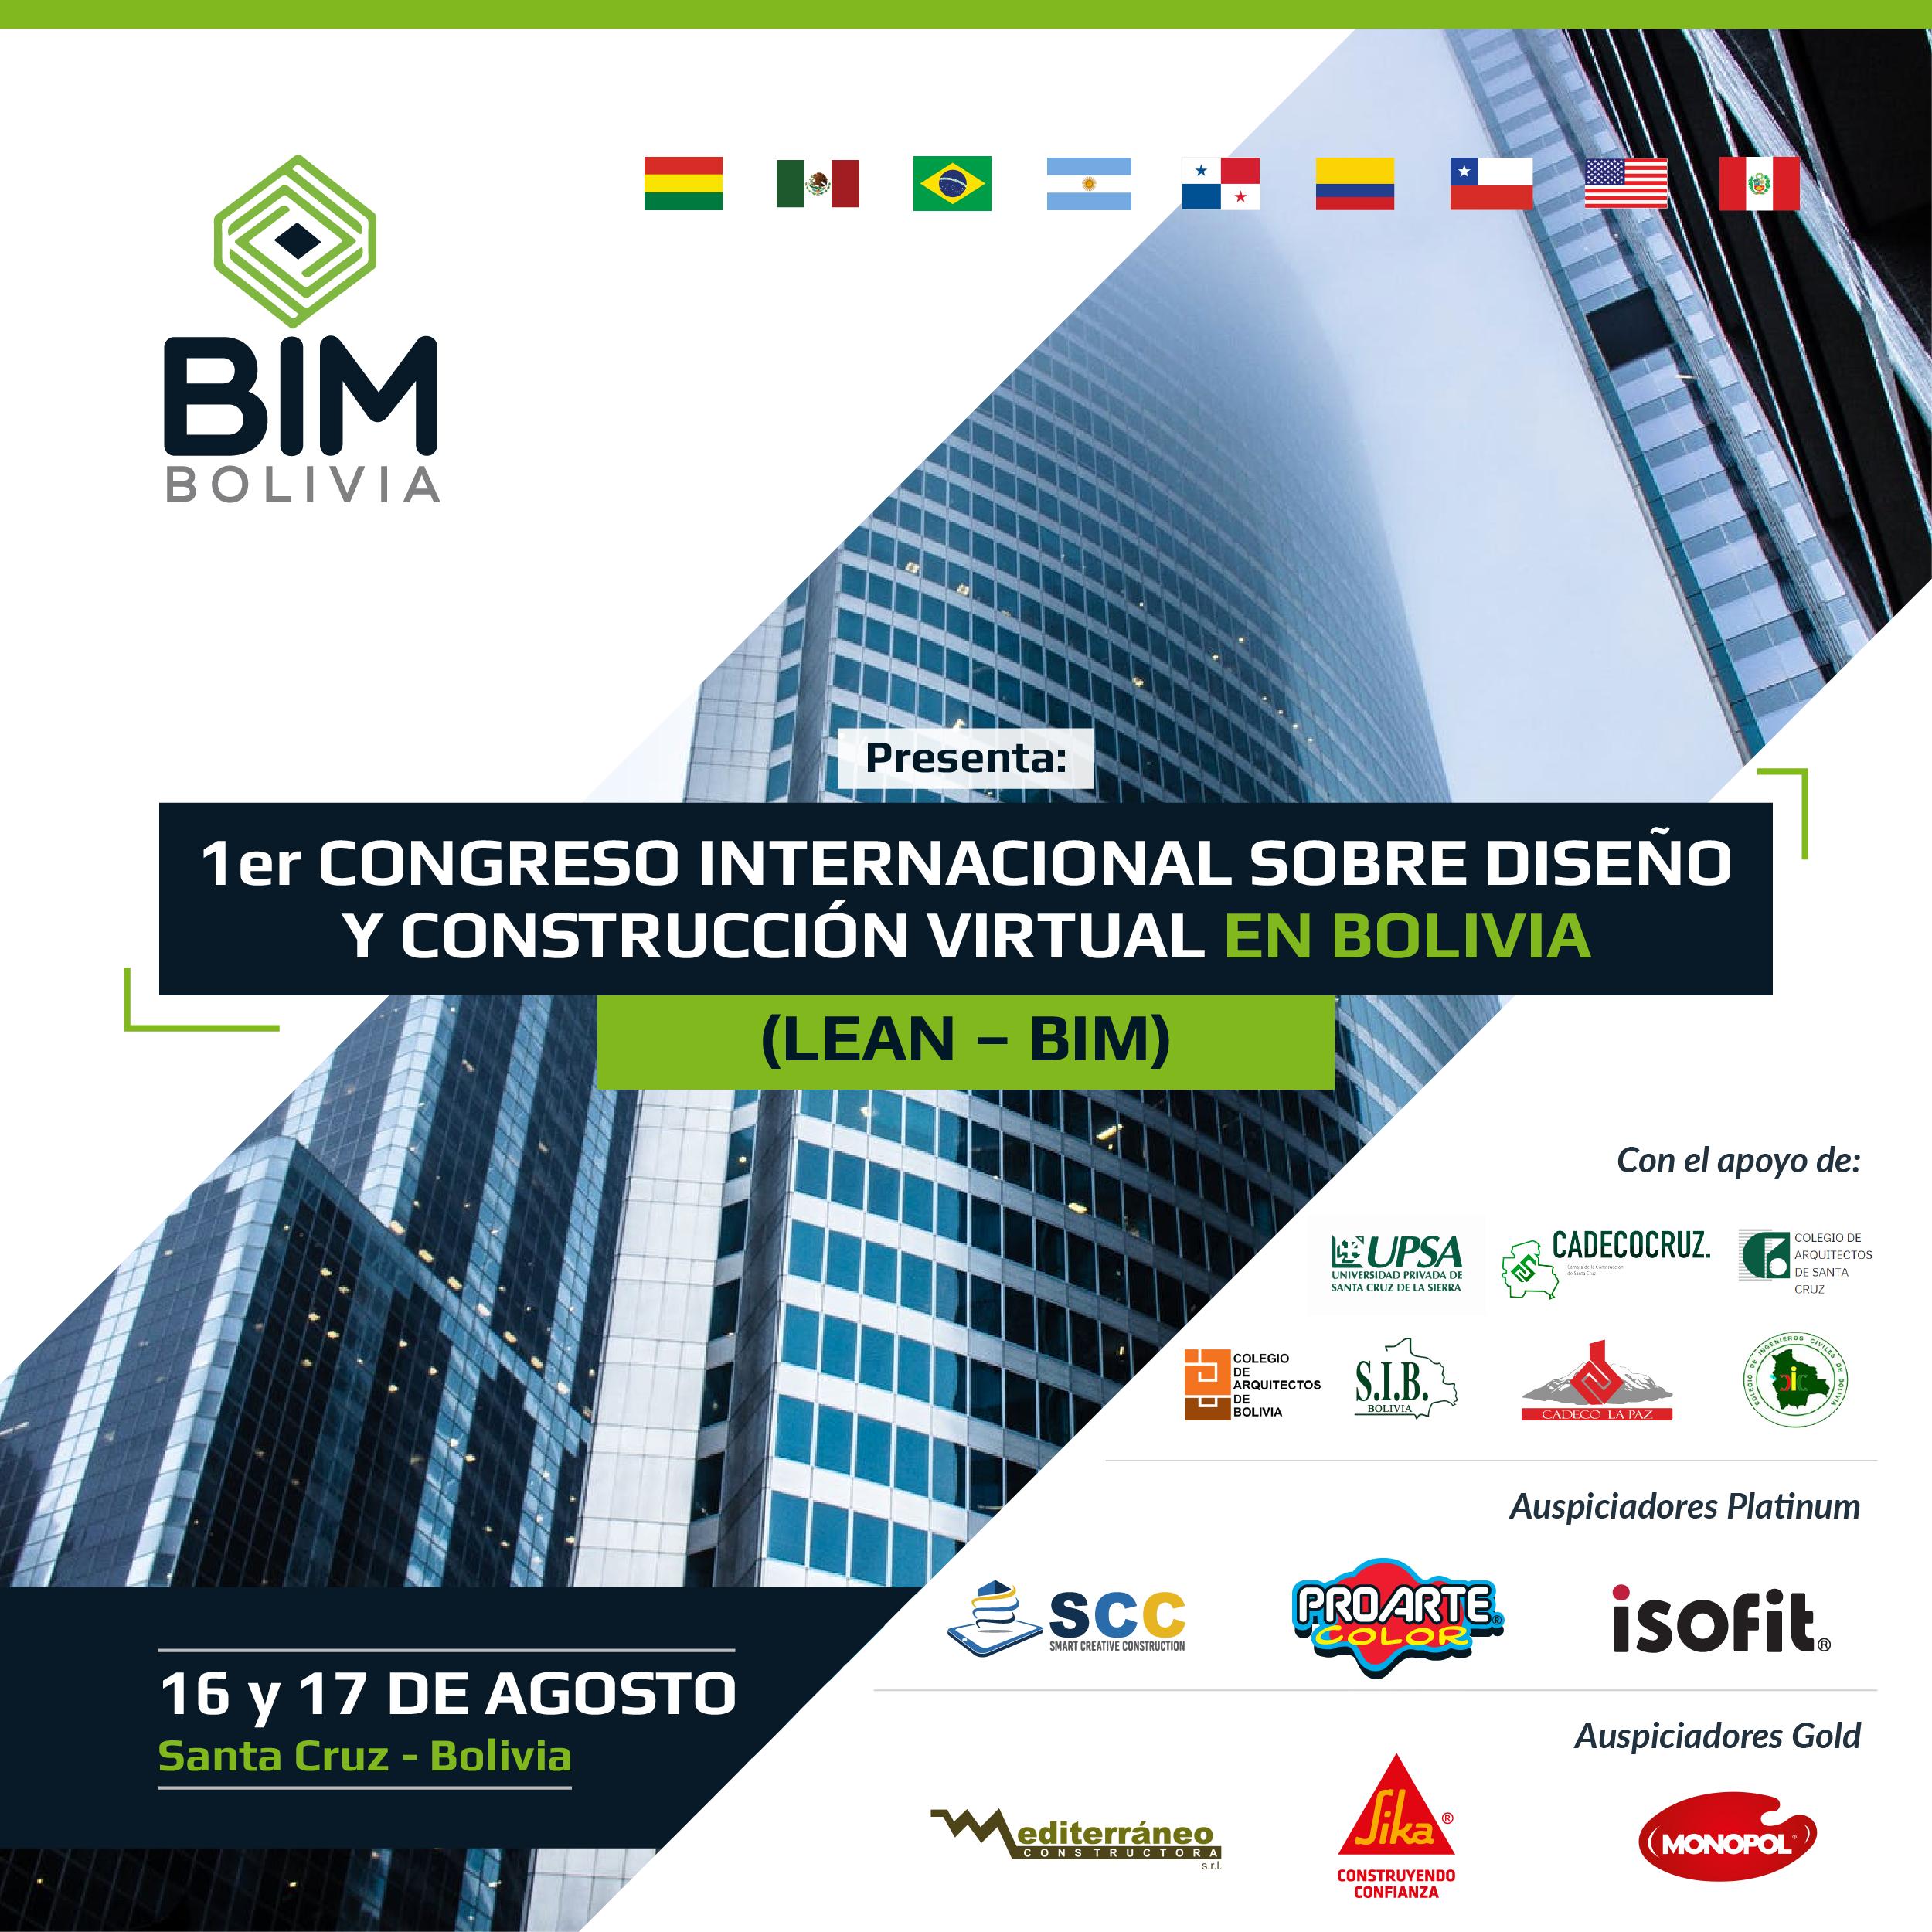 Congreso internacional sobre Diseño y Construcción Virtual en Bolivia